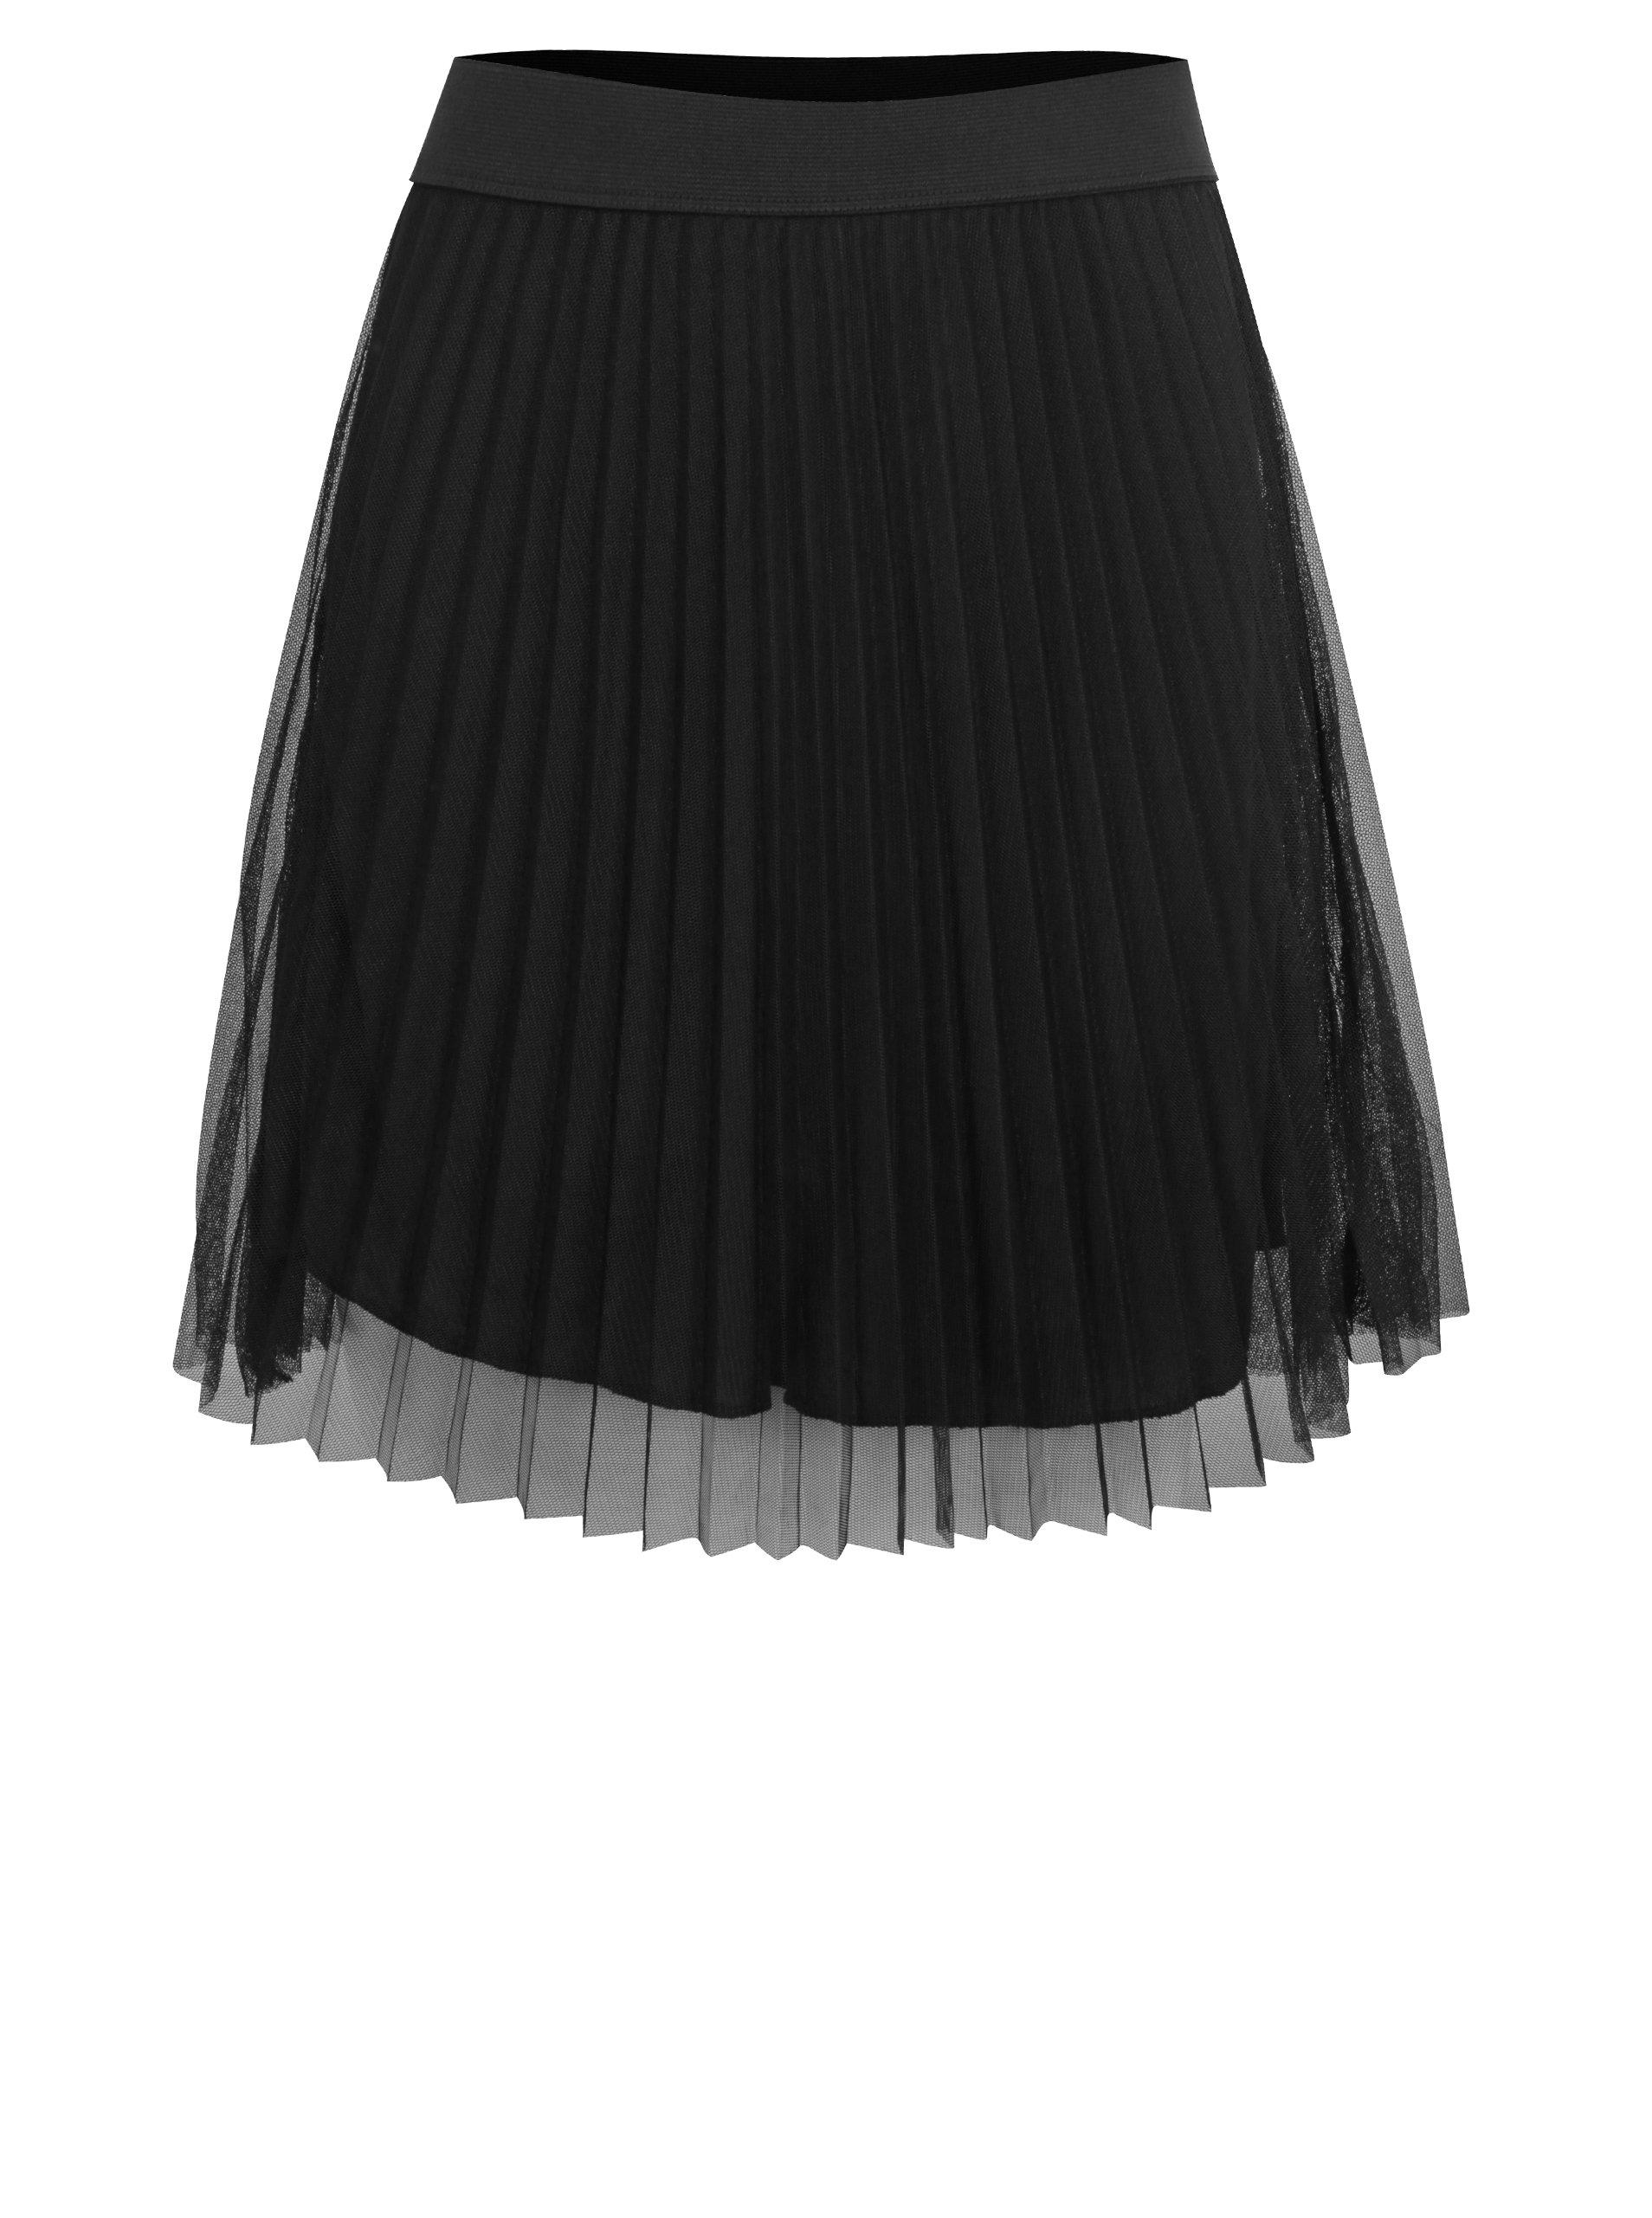 Čierna dievčenská tylová sukňa LIMITED by name it Onja